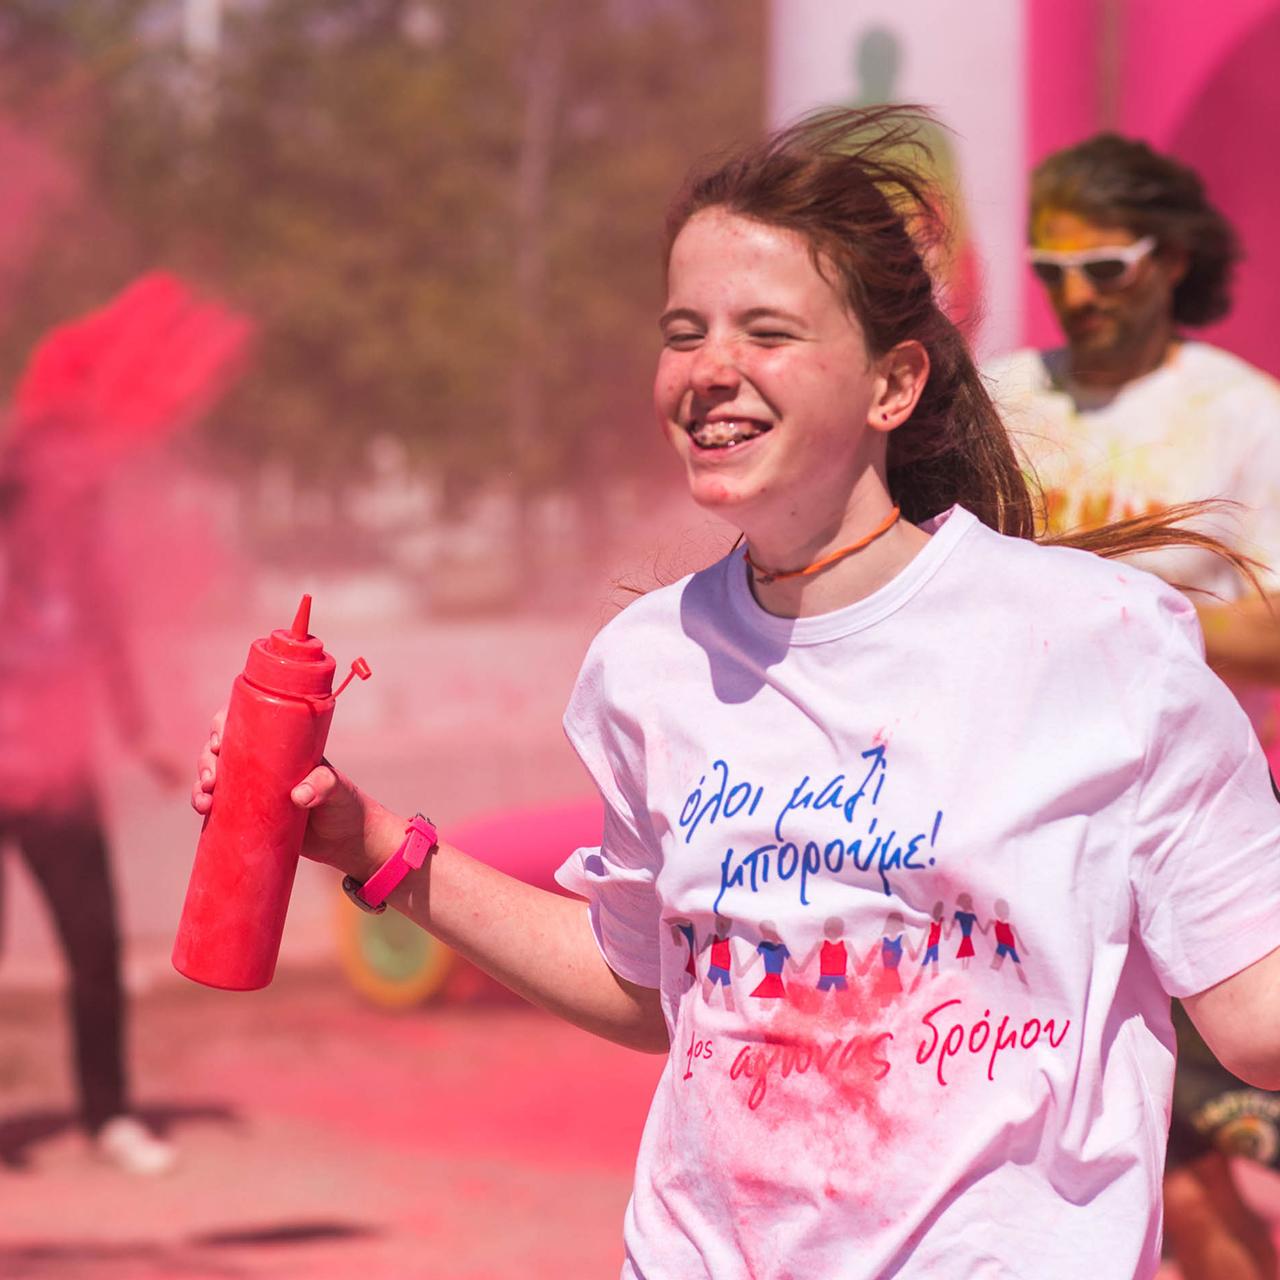 Το Colour Day Run στο Όλοι Μαζί Μπορούμε